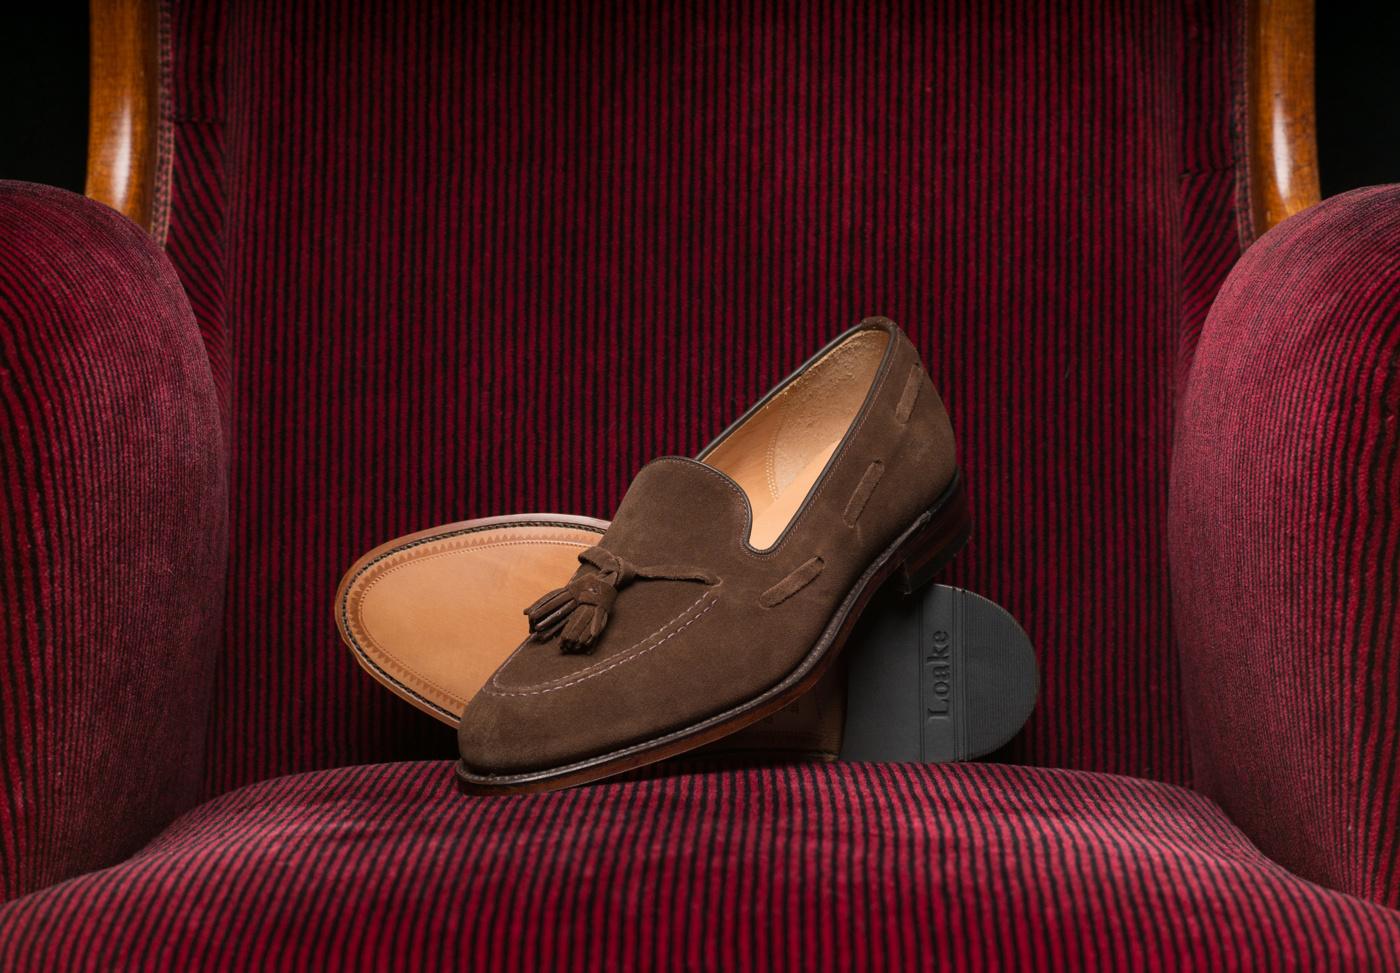 Loake Shoemakers Linco